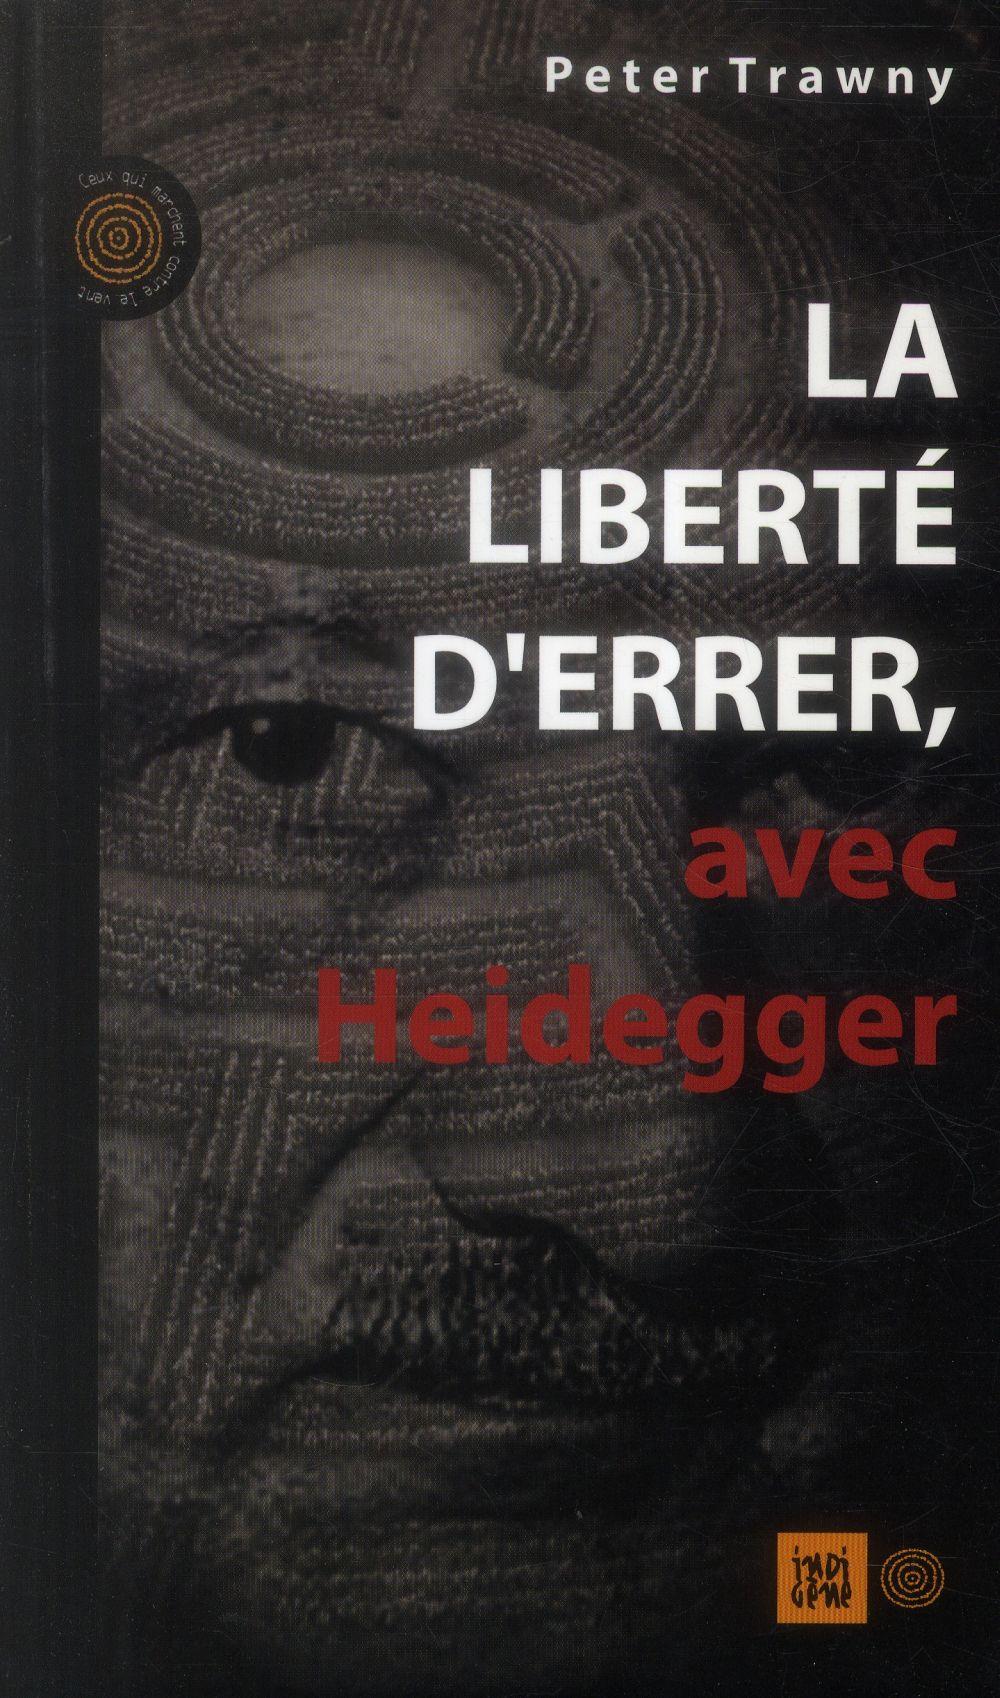 La liberte d'errer avec Heidegger